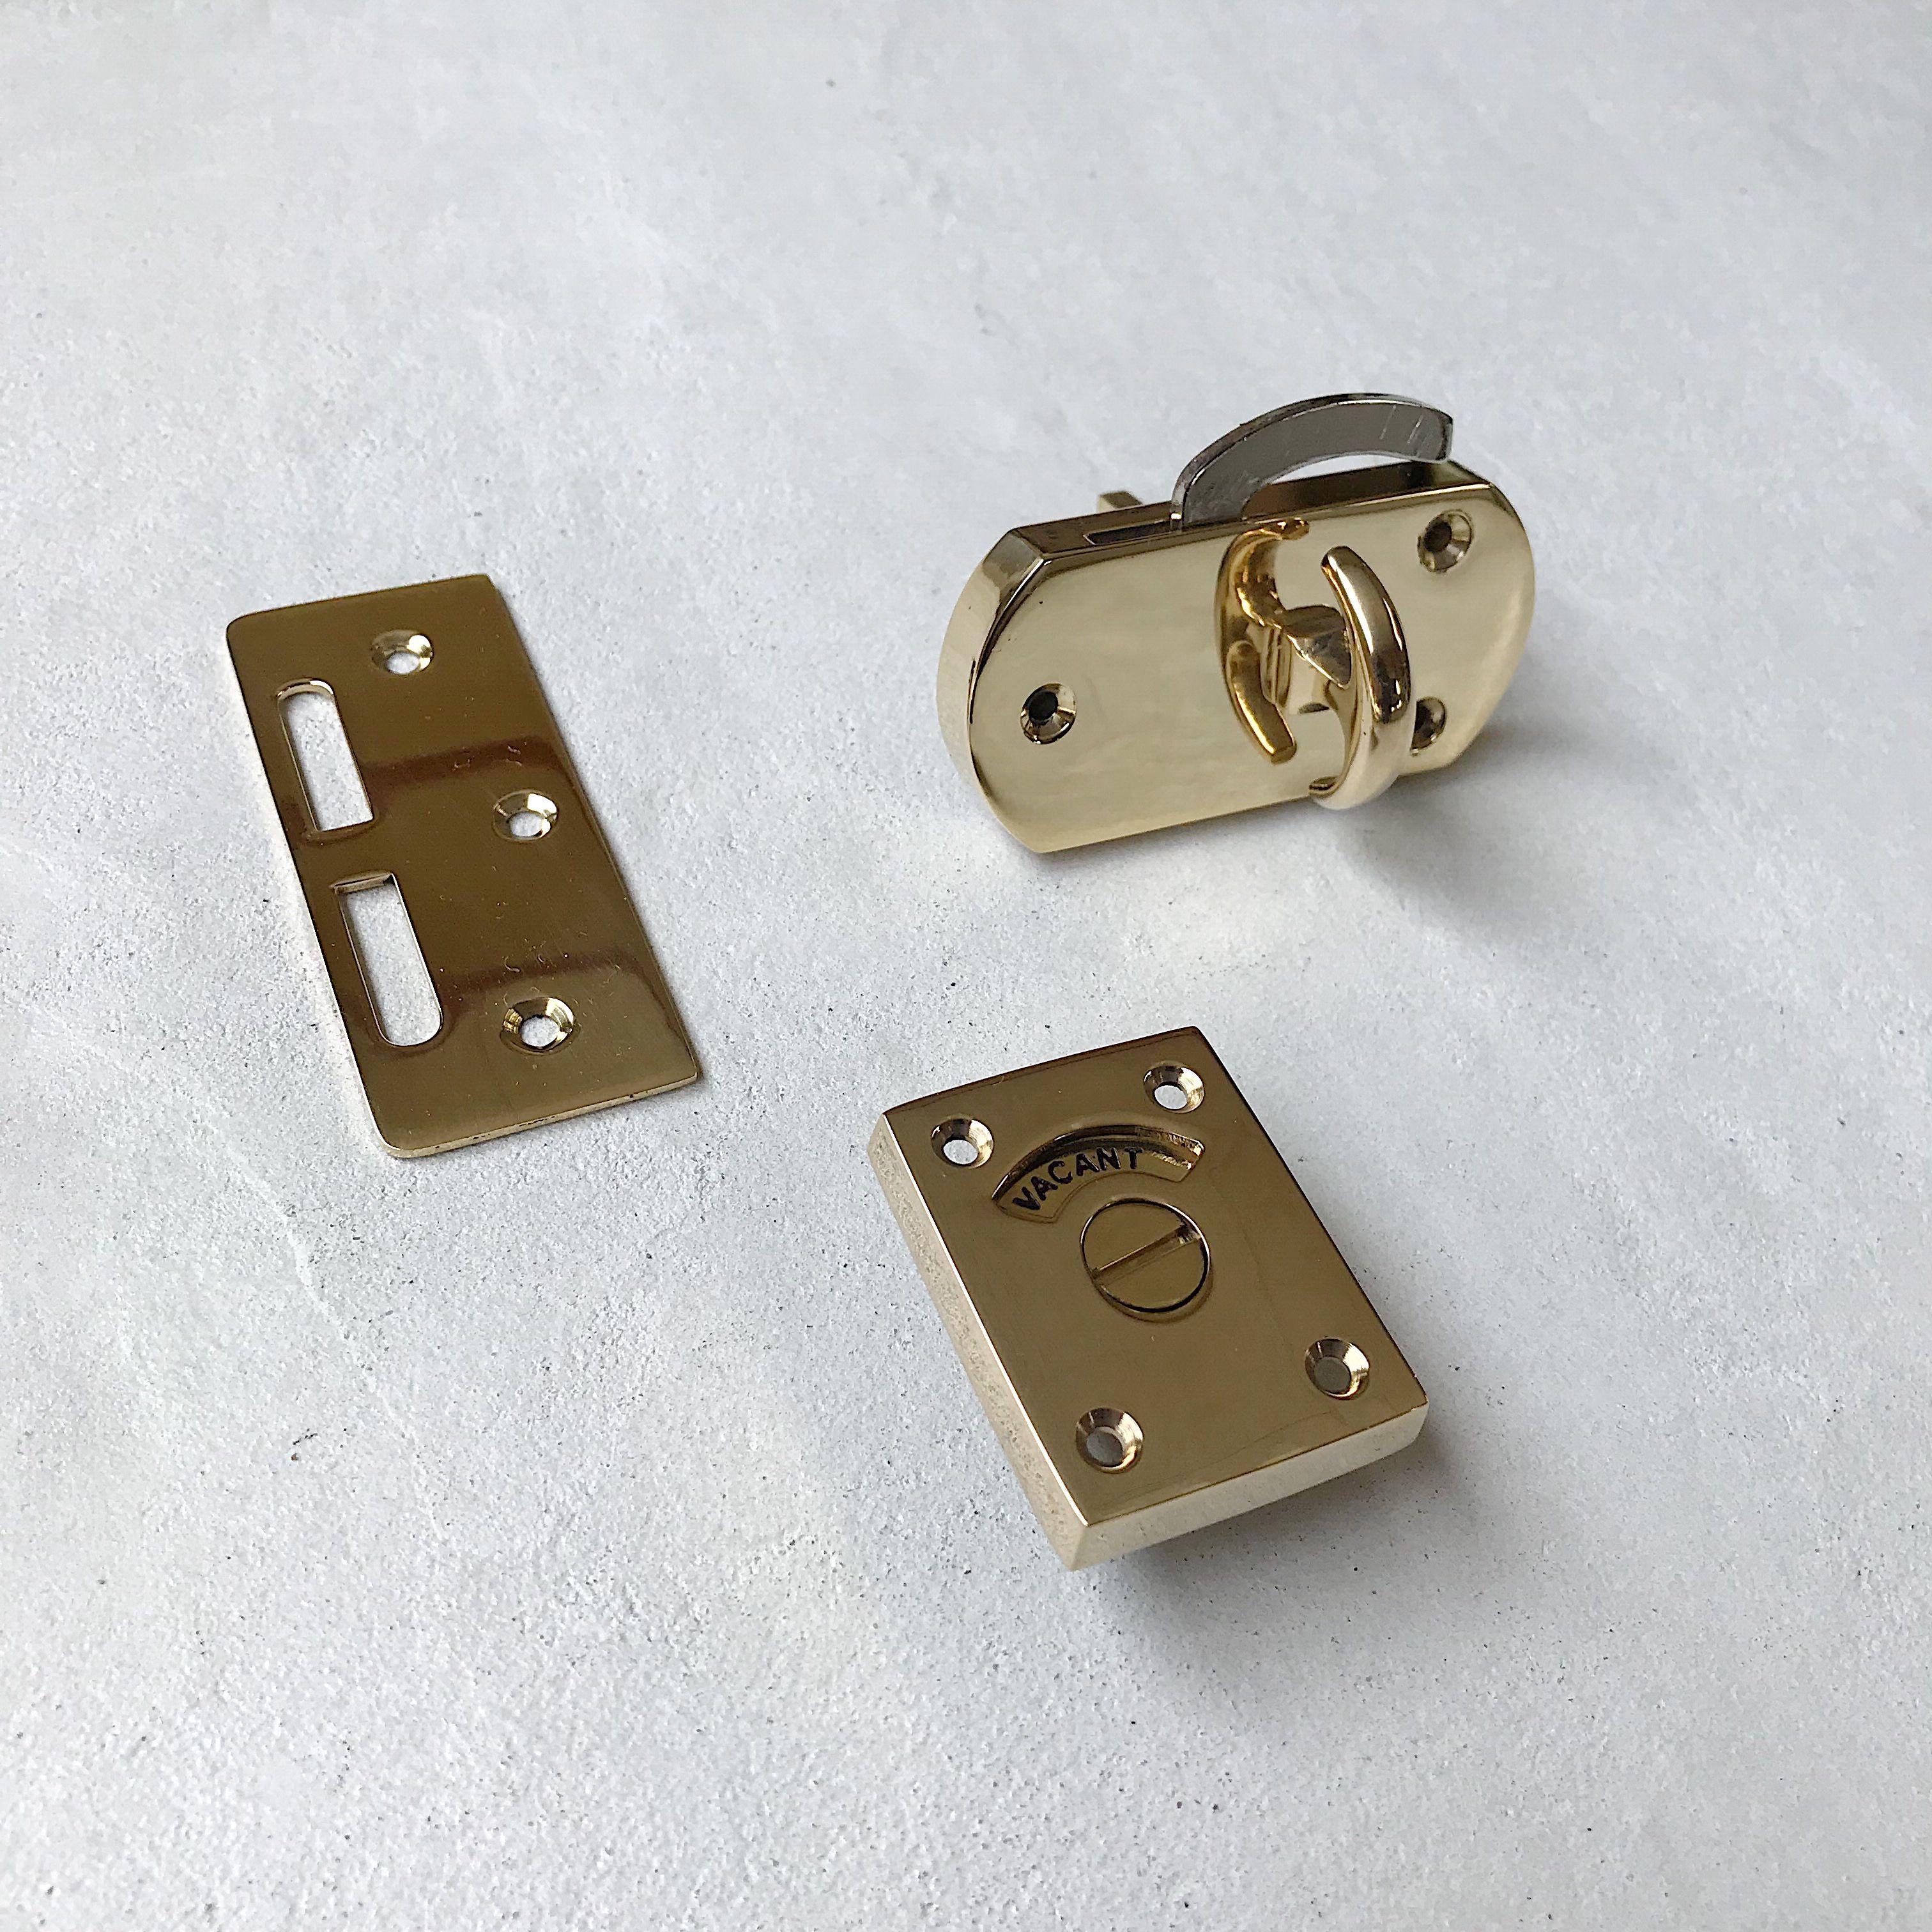 真鍮表示錠 Type3 引戸鎌錠タイプ 引き戸 取っ手 表示 重厚感